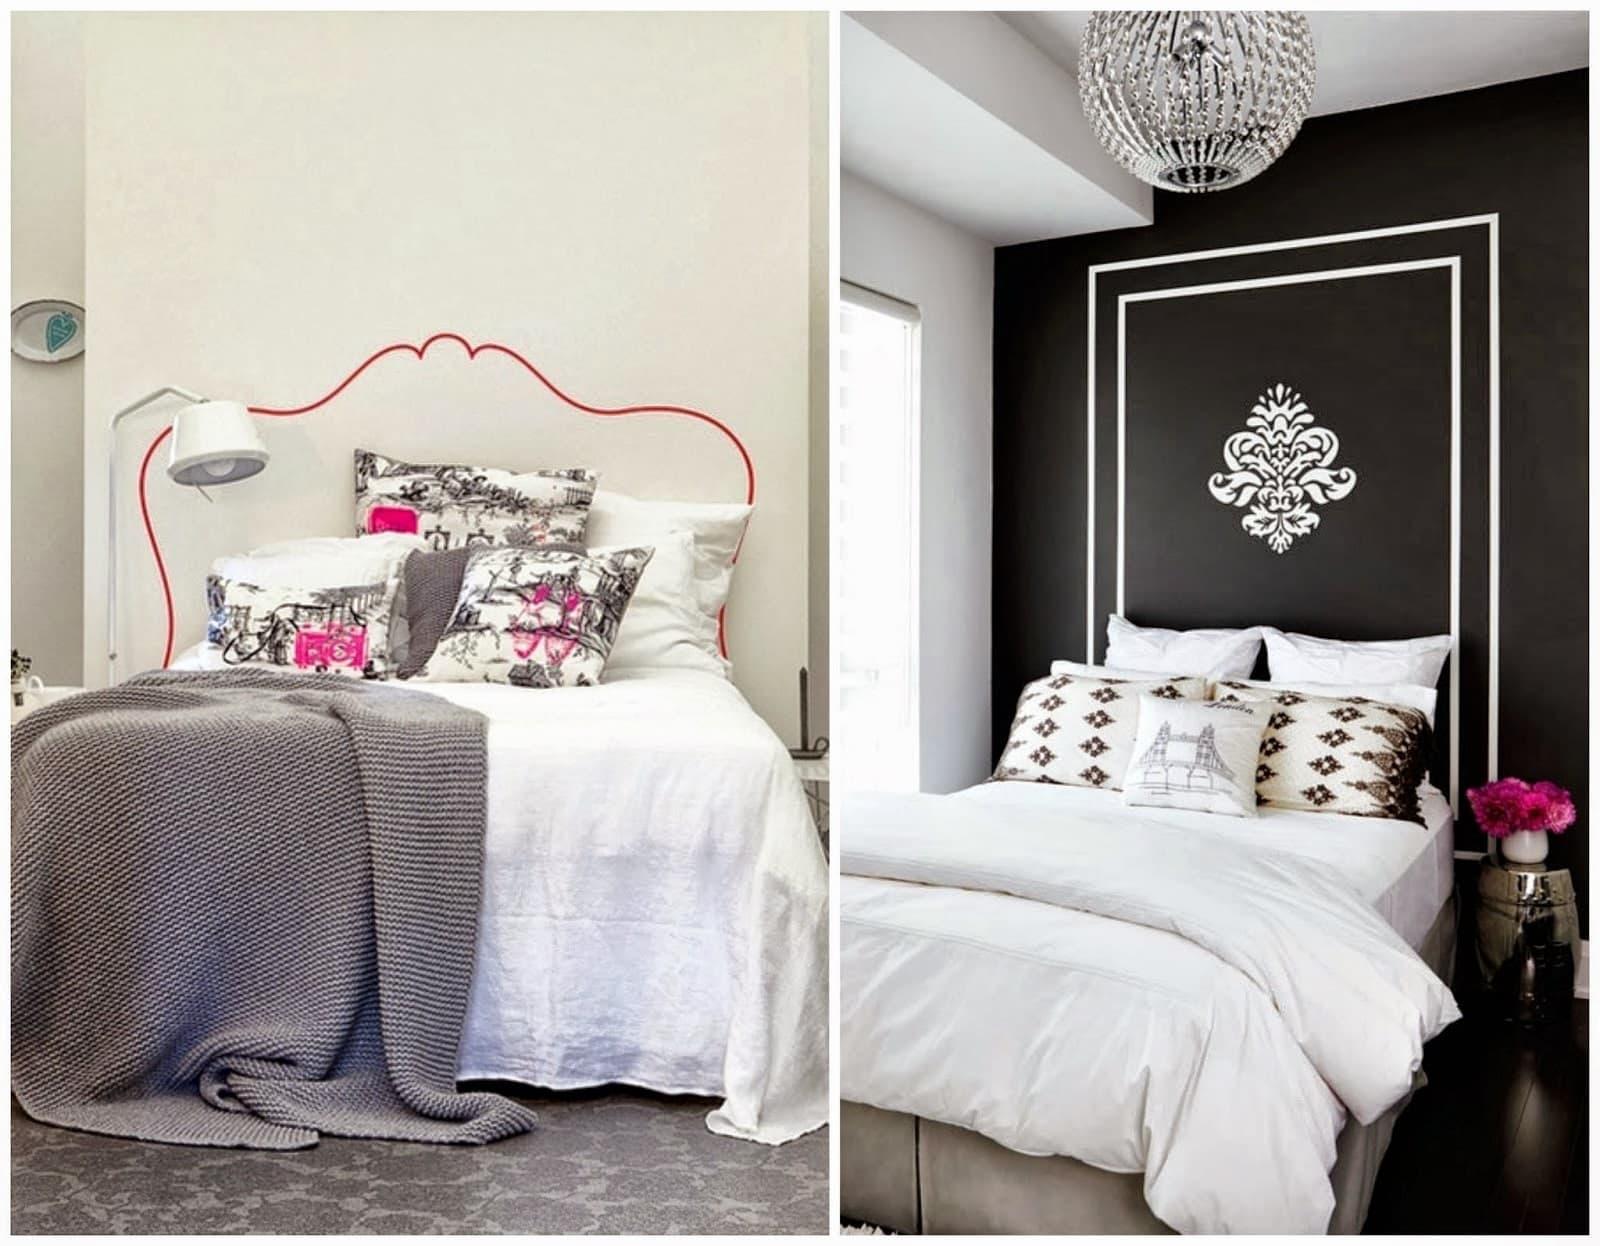 Cabeceros originales y baratos para dormitorios infantiles - Cabeceros de cama originales pintados ...